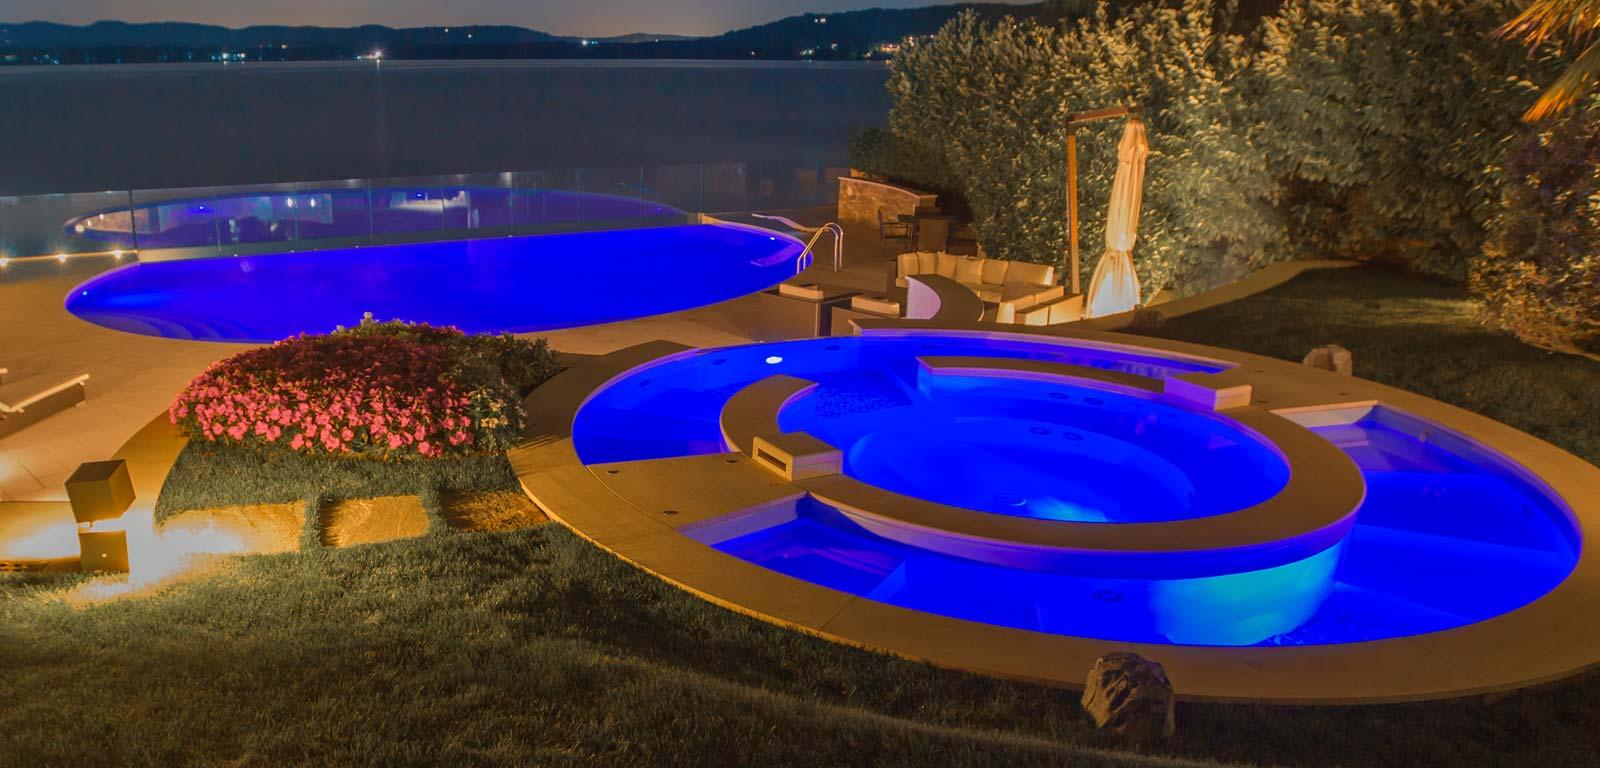 Costo piscina costo di una piscina in cemento armato with - Quanto costa costruire una piscina ...